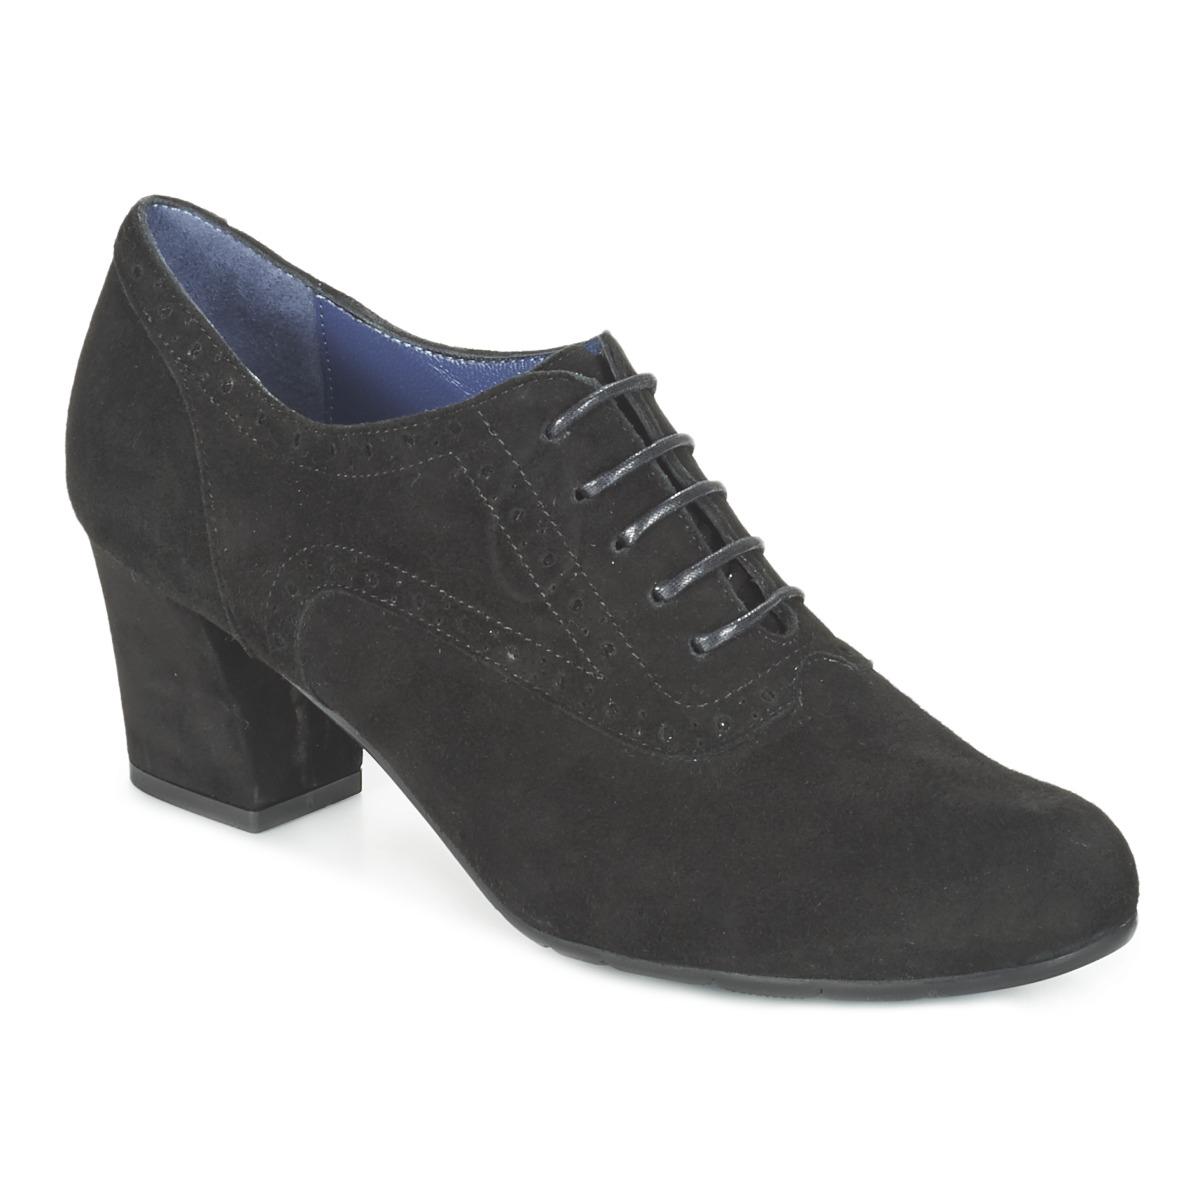 perlato helvine noir chaussure pas cher avec chaussures low boots femme 83 30. Black Bedroom Furniture Sets. Home Design Ideas